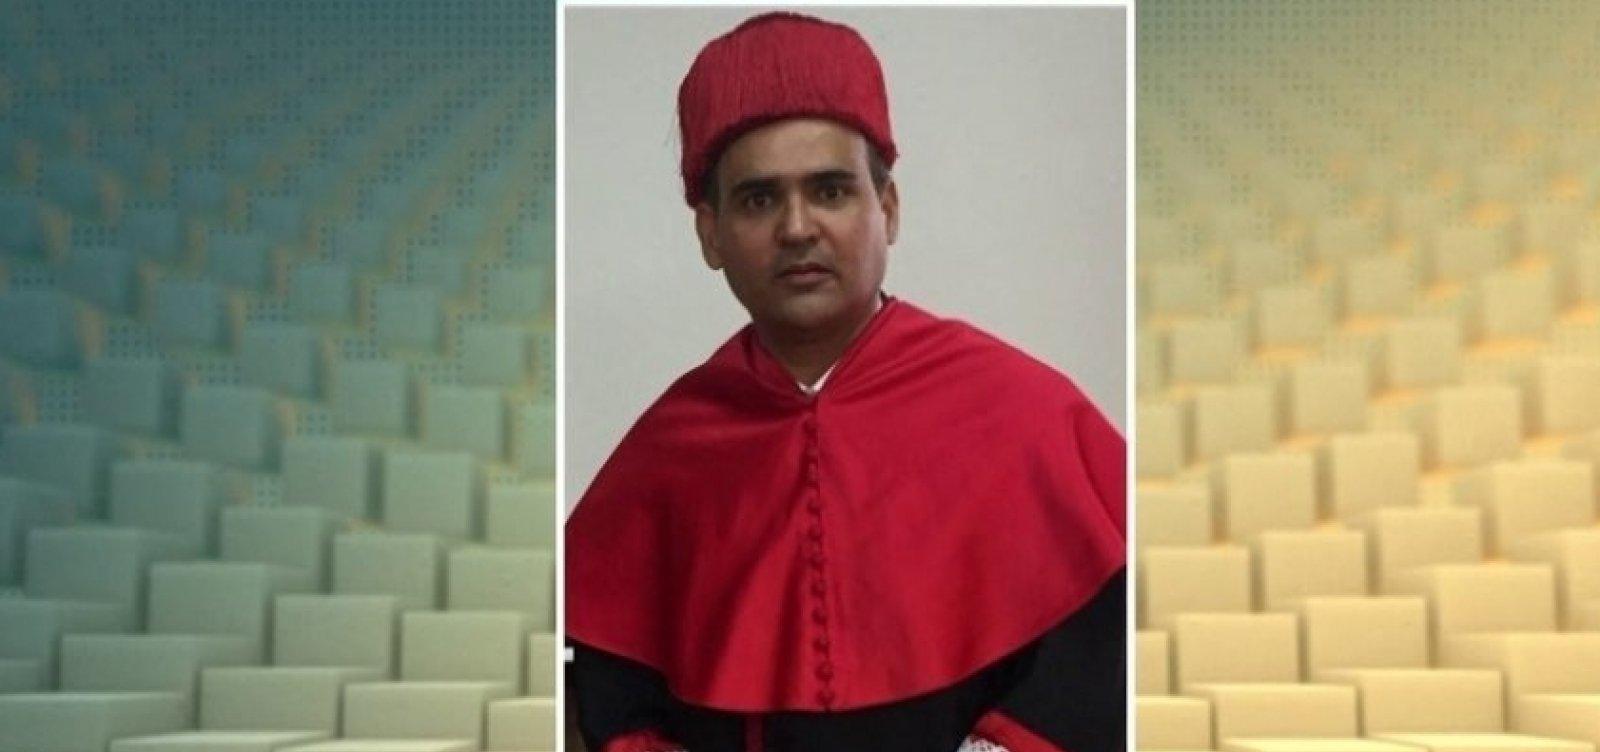 [Operação Faroeste: acusado de destruir provas, juiz diz que voltou à cidade para 'orar']